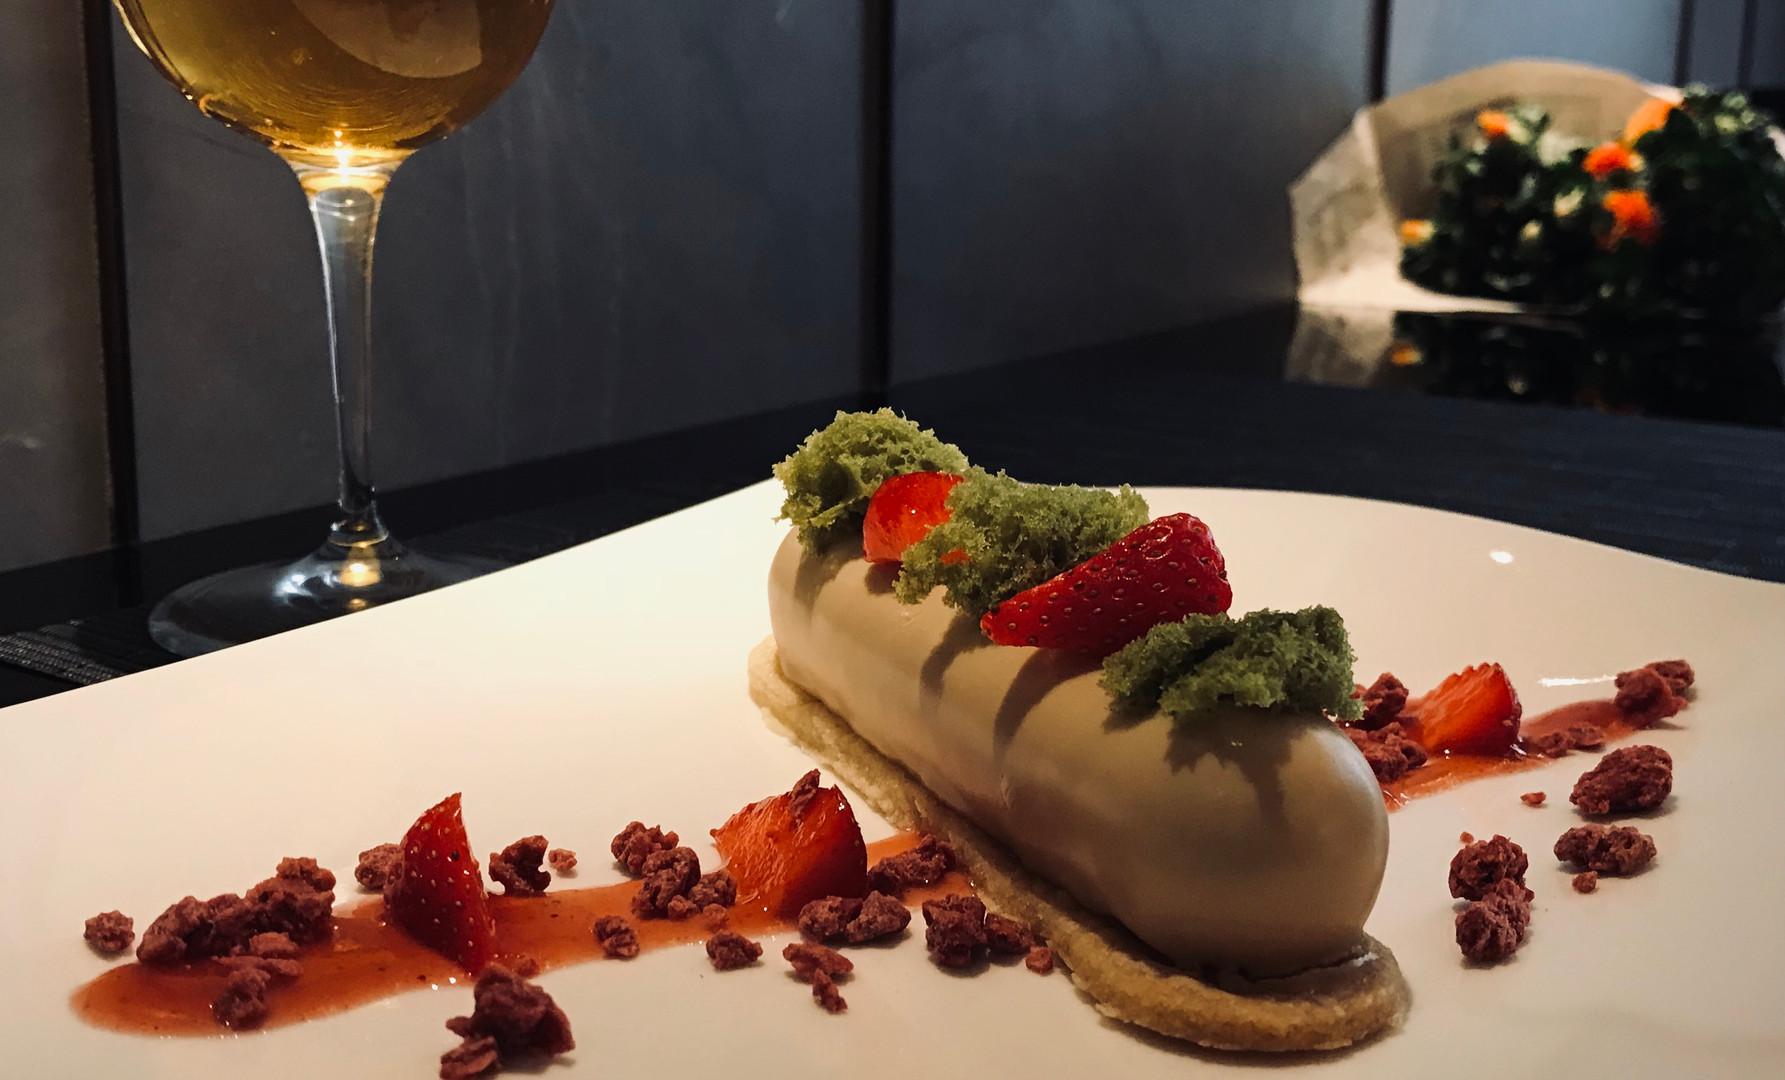 Strawberry Elegance (mousse al caramelia, croccante di fragola, ganache di cioccolato bianco e miso, glassa al dulcey)